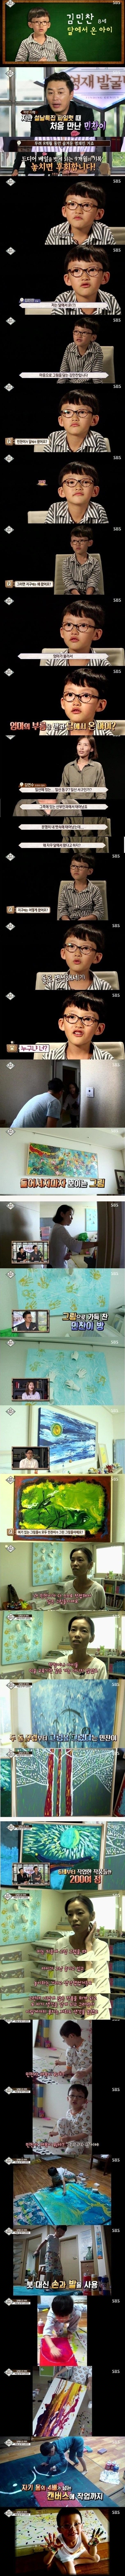 1.jpg 영재 발굴단 - 달에서 온 아이